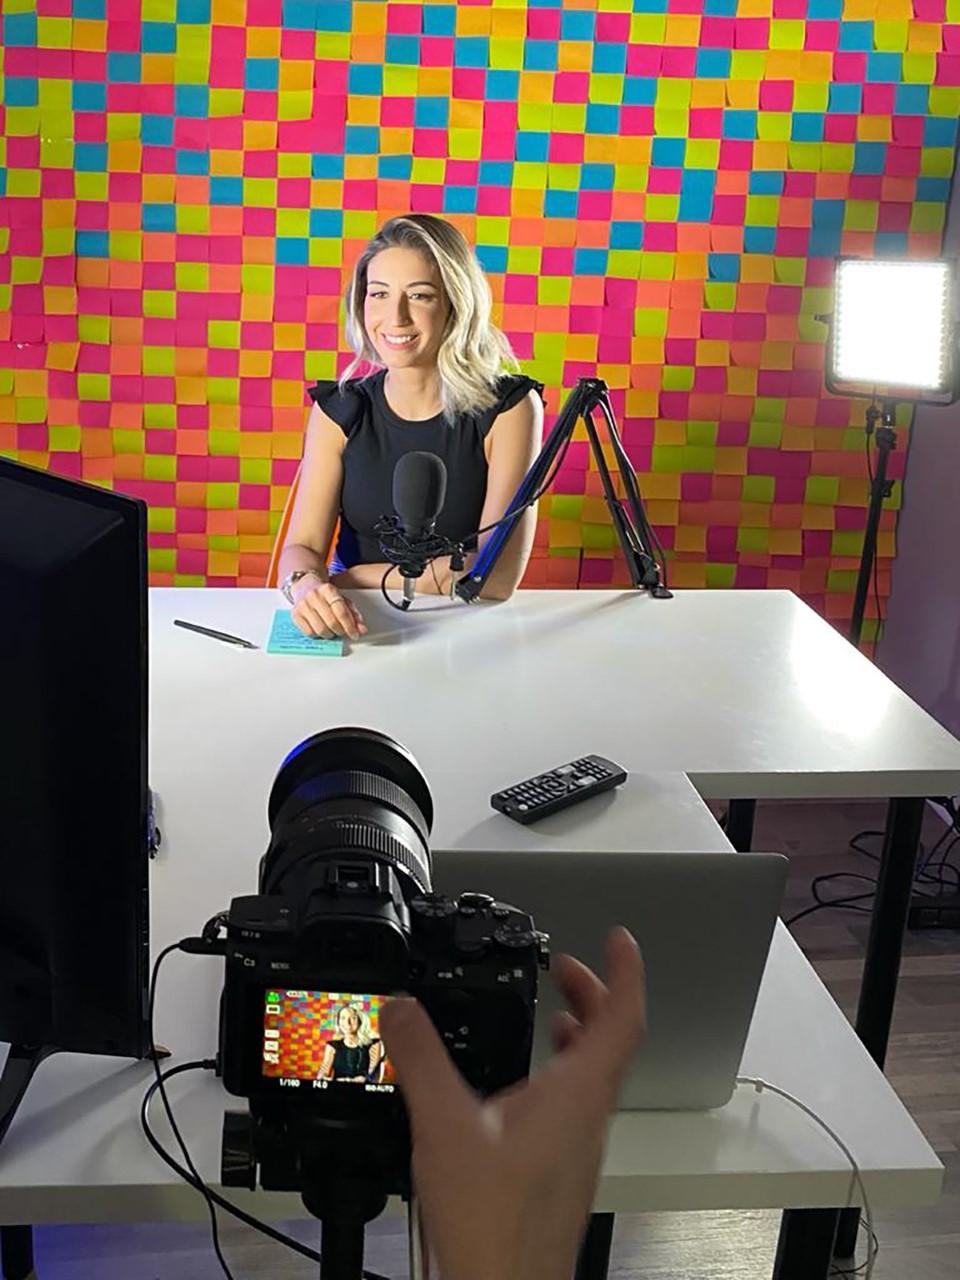 No Dia do Podcast, Marcela Albertini, pioneira em podcast brasileiro nos EUA, fala da importância da mídia